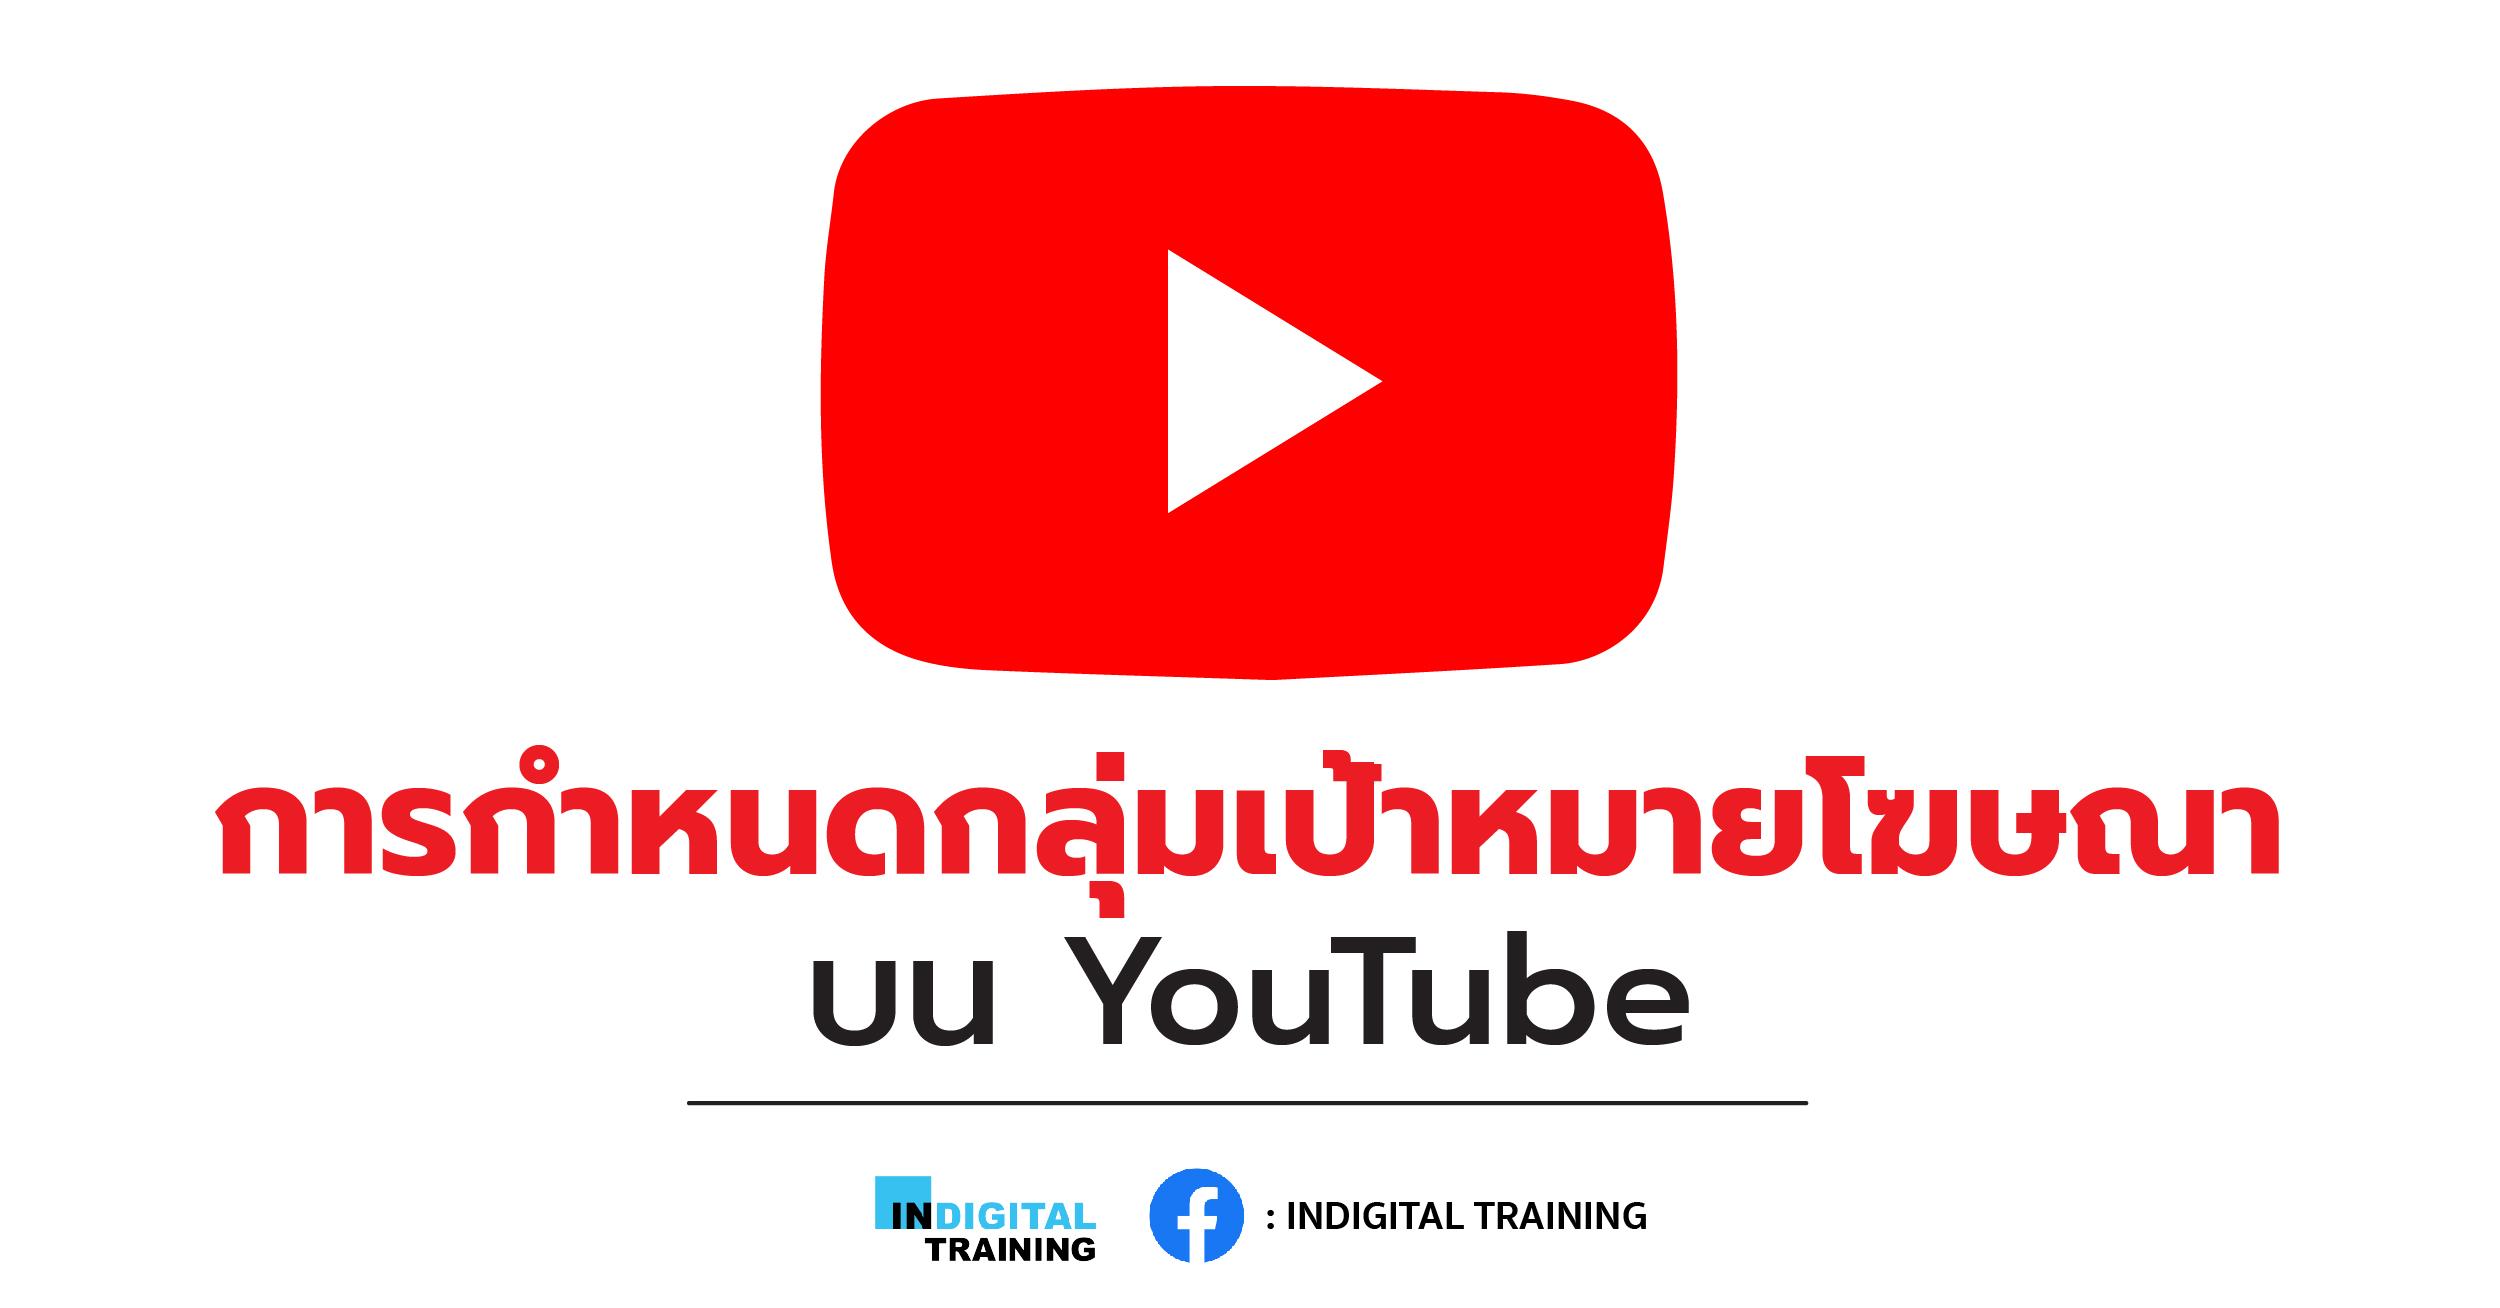 การกำหนดกลุ่มเป้าหมายโฆษณาบน YouTube